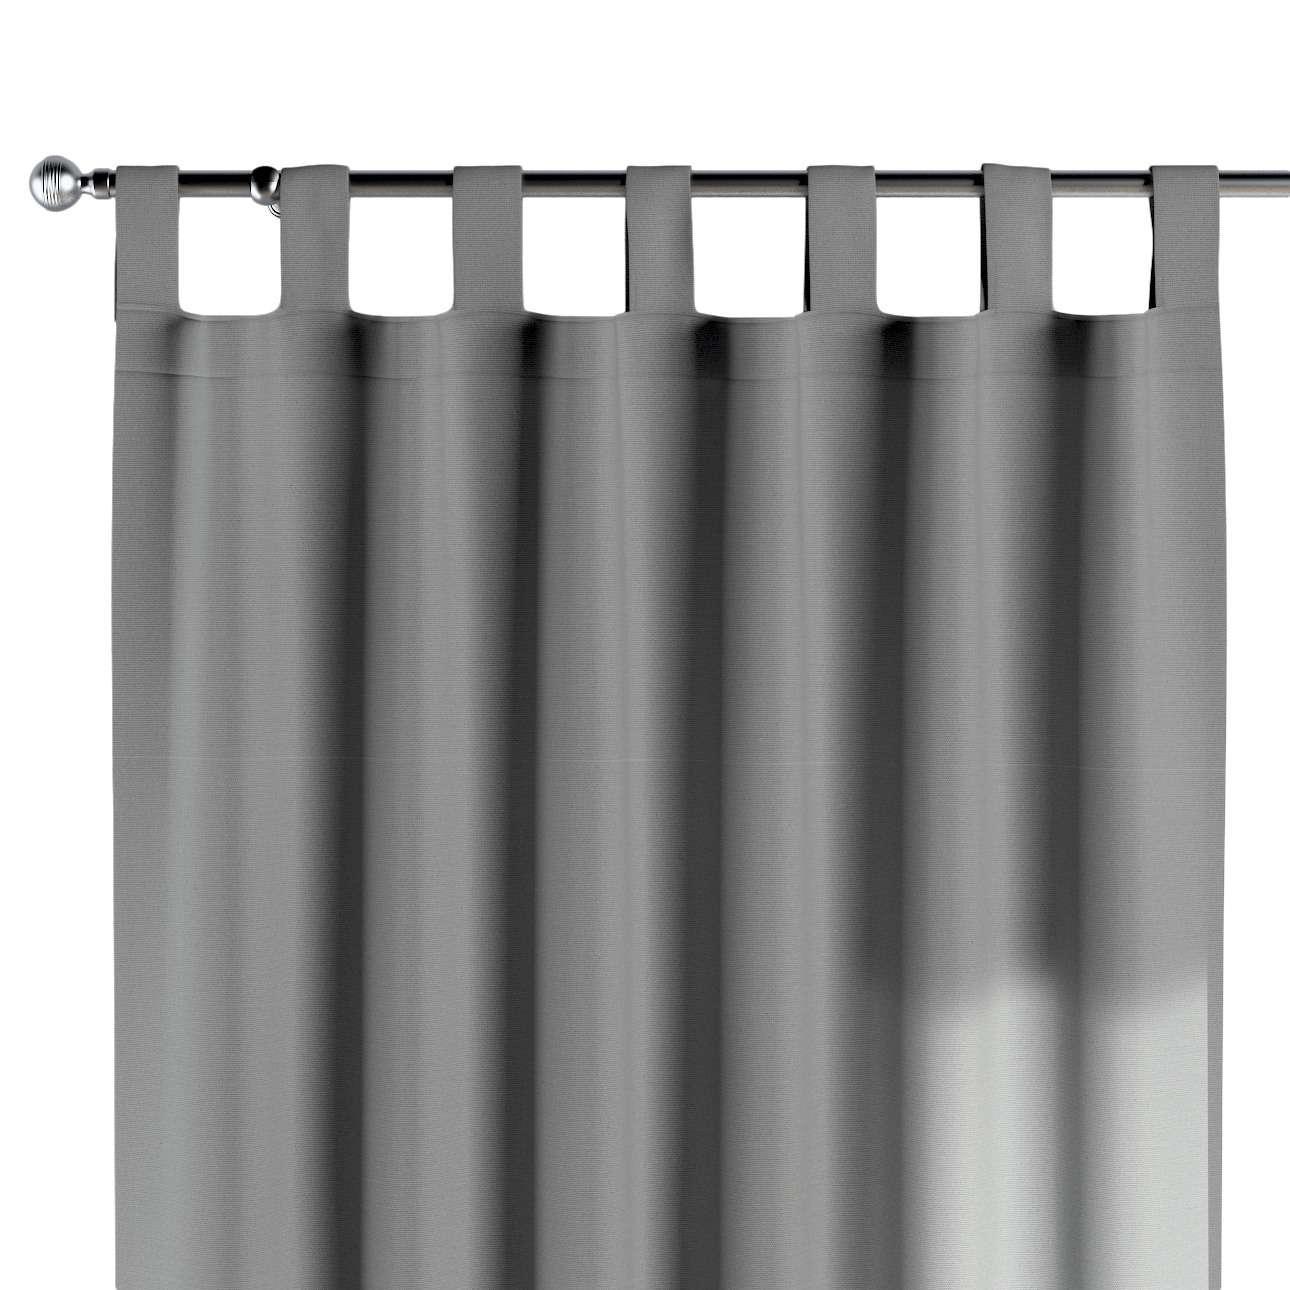 Zasłona na szelkach 1 szt. 1szt 130x260 cm w kolekcji Loneta, tkanina: 133-24